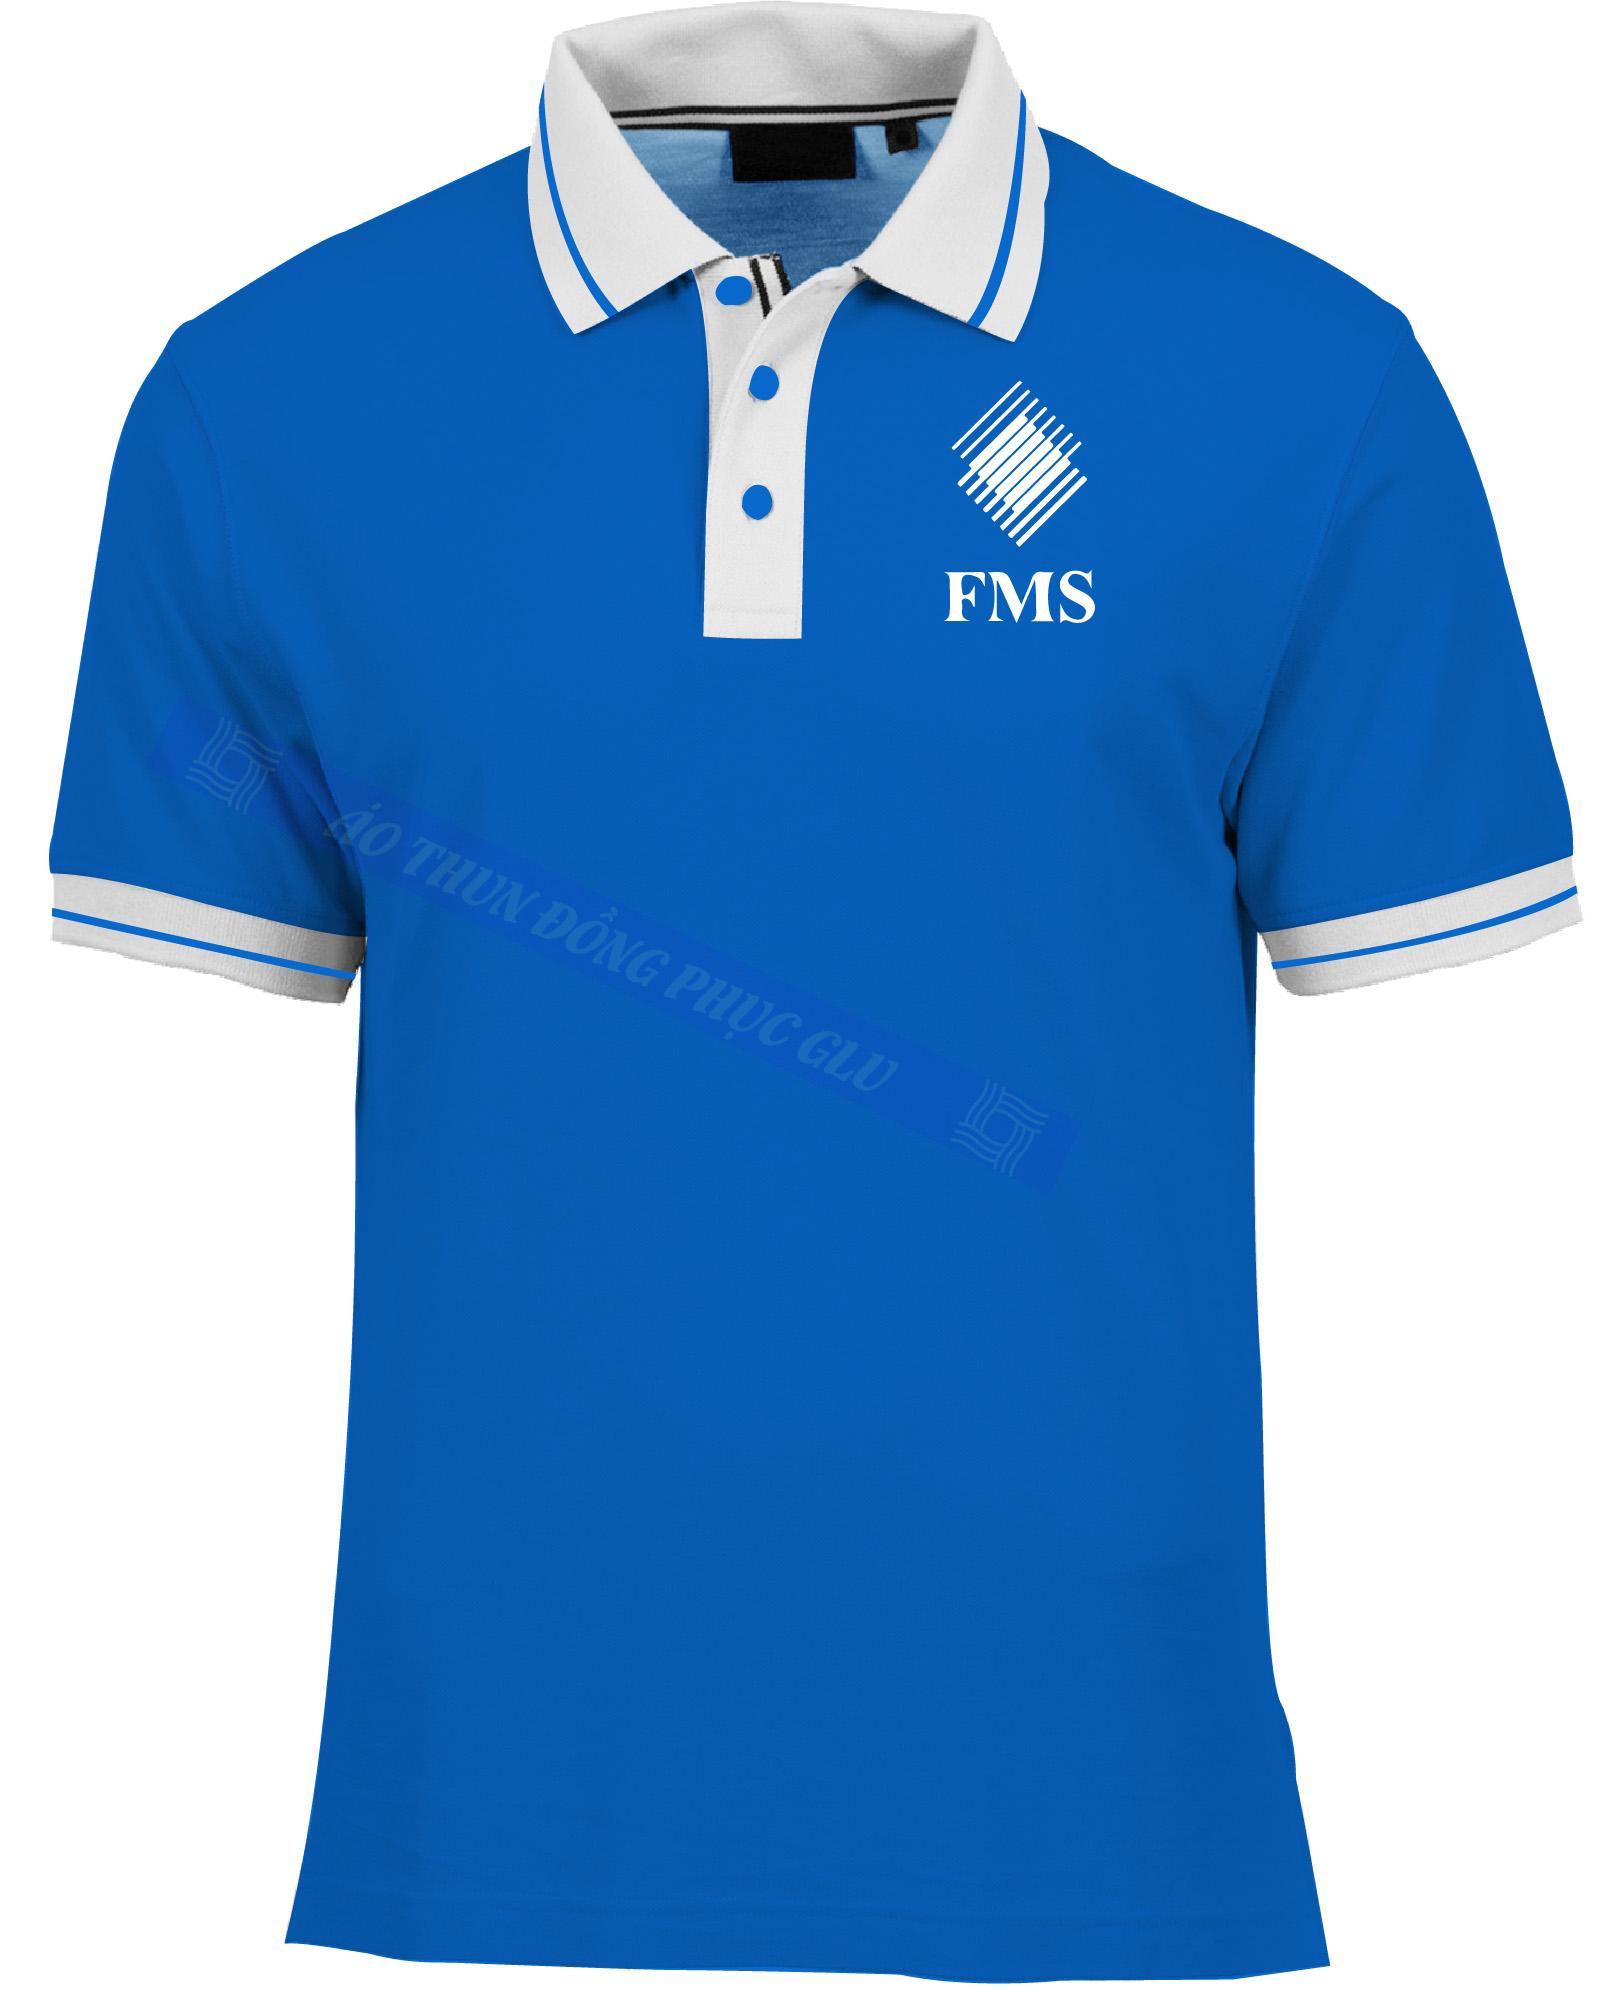 AO THUN FMS AT78 áo thun đồng phục đẹp